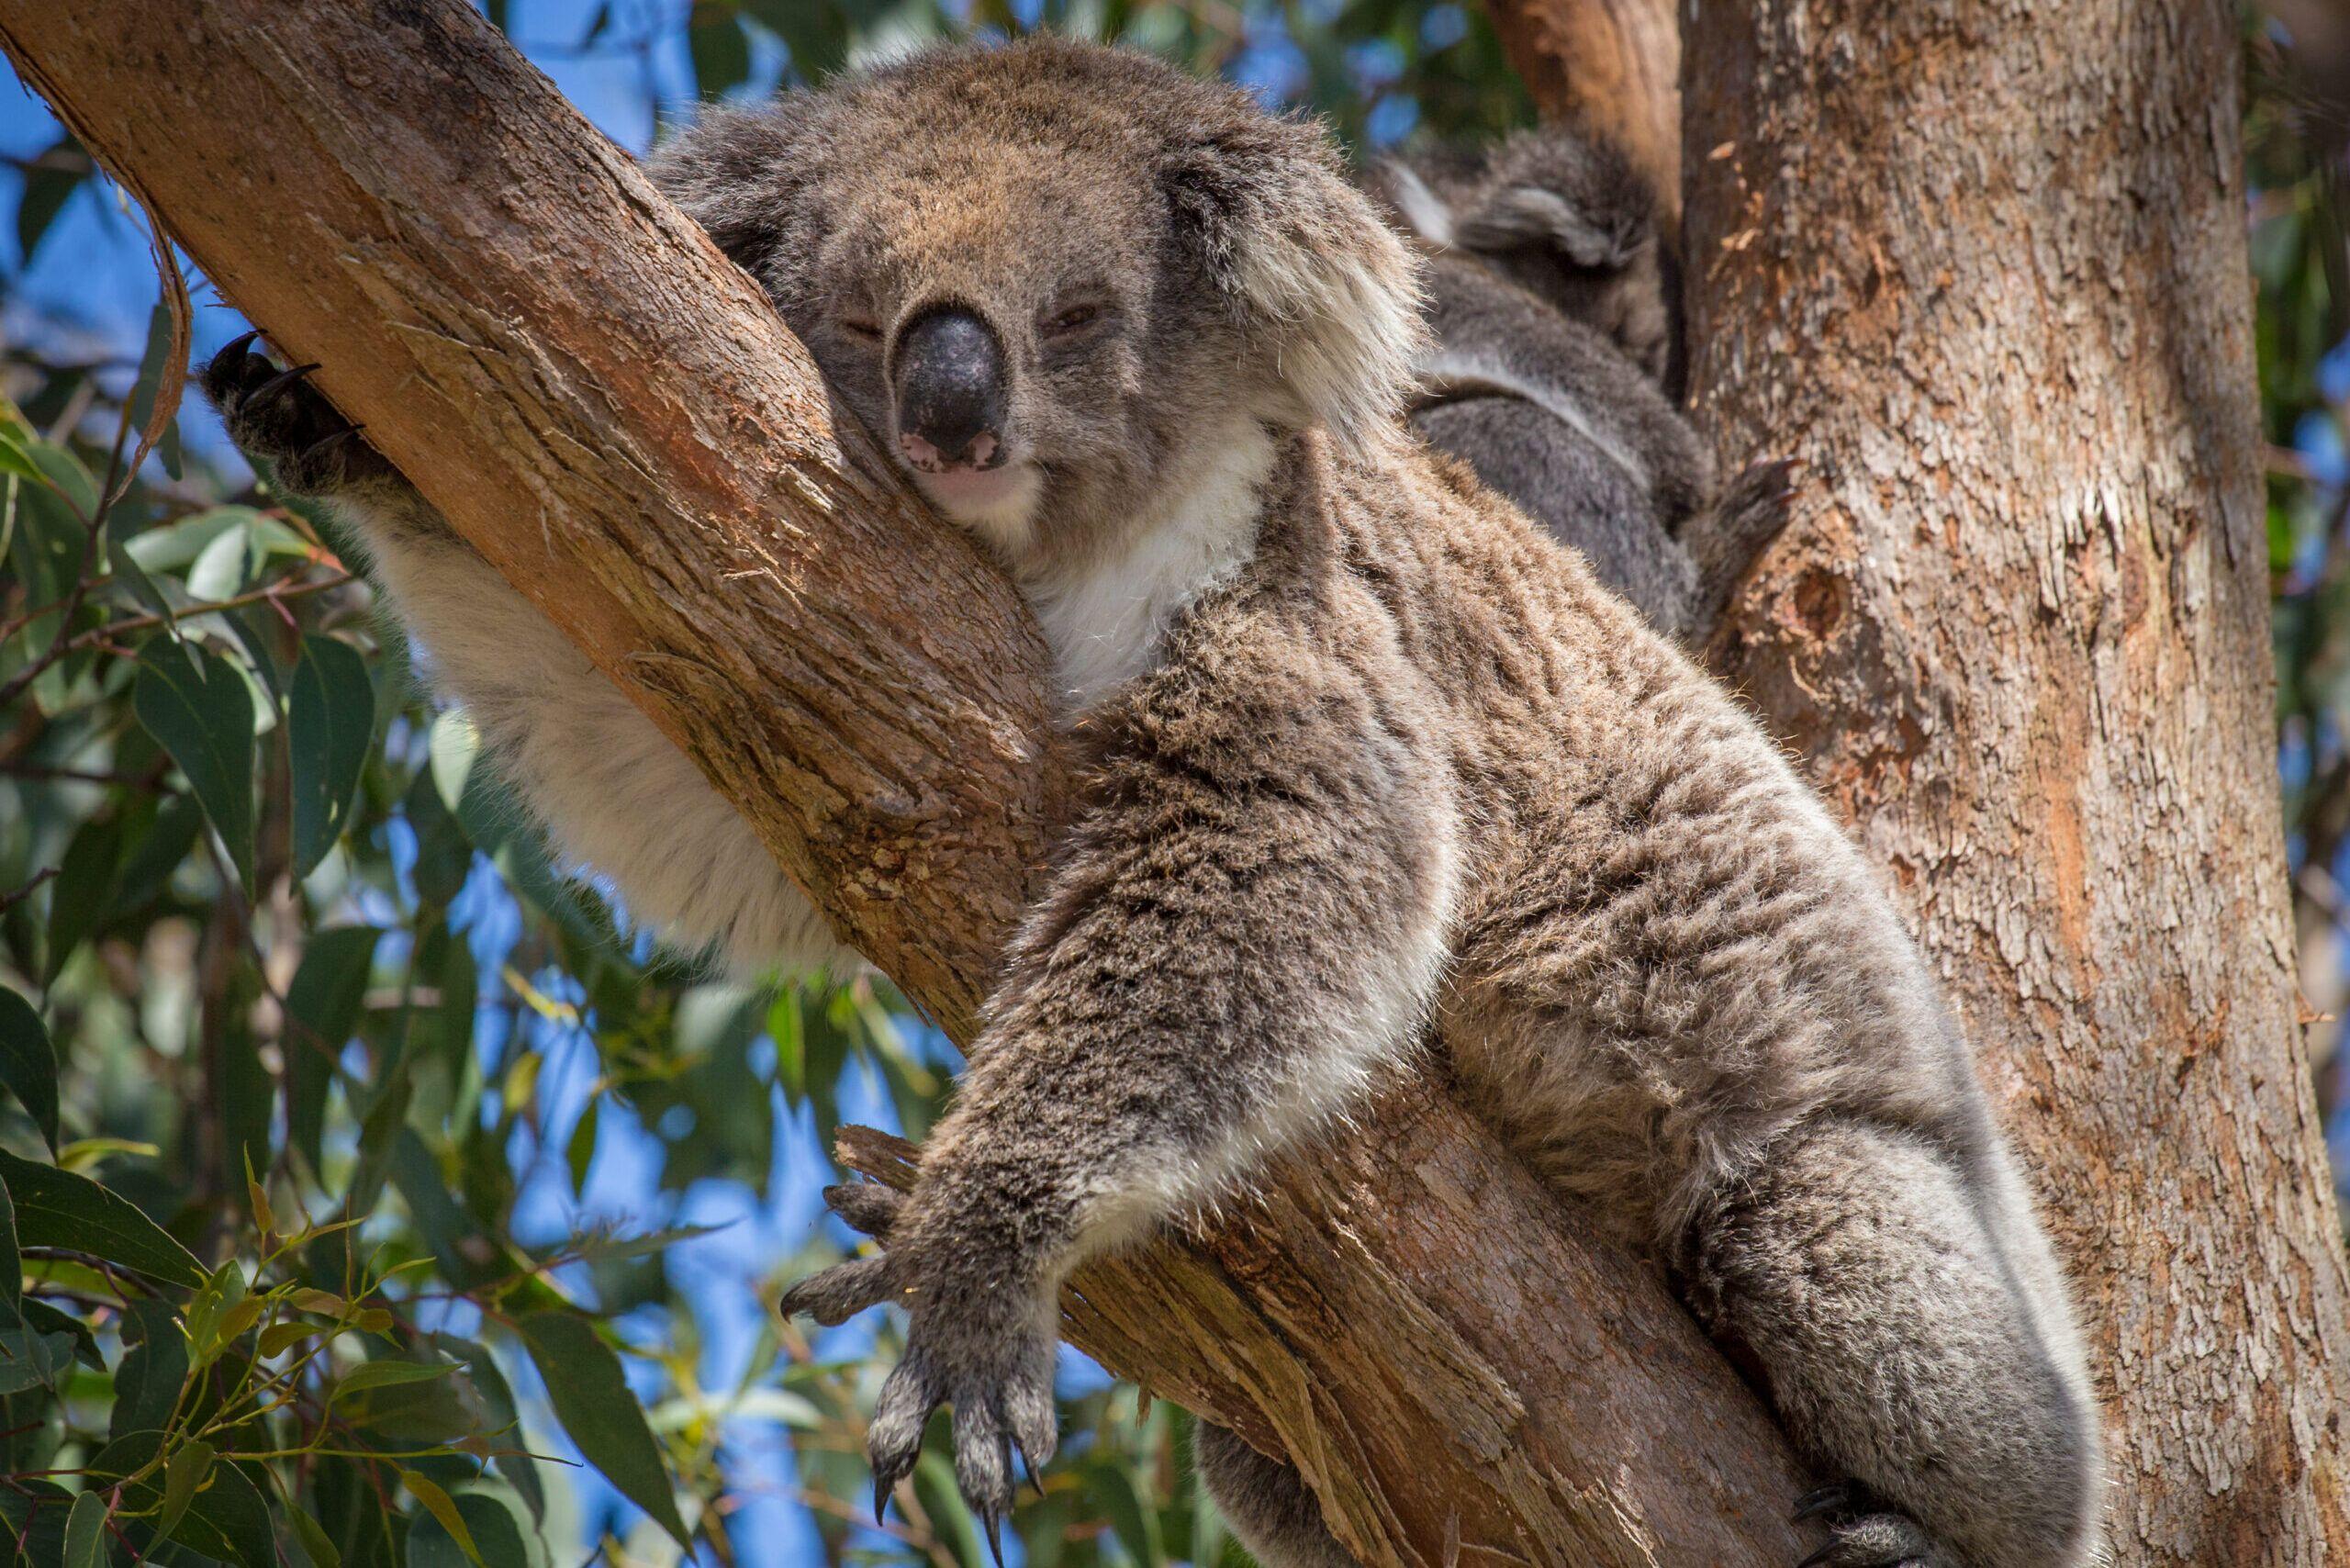 Datos curiosos del Koala